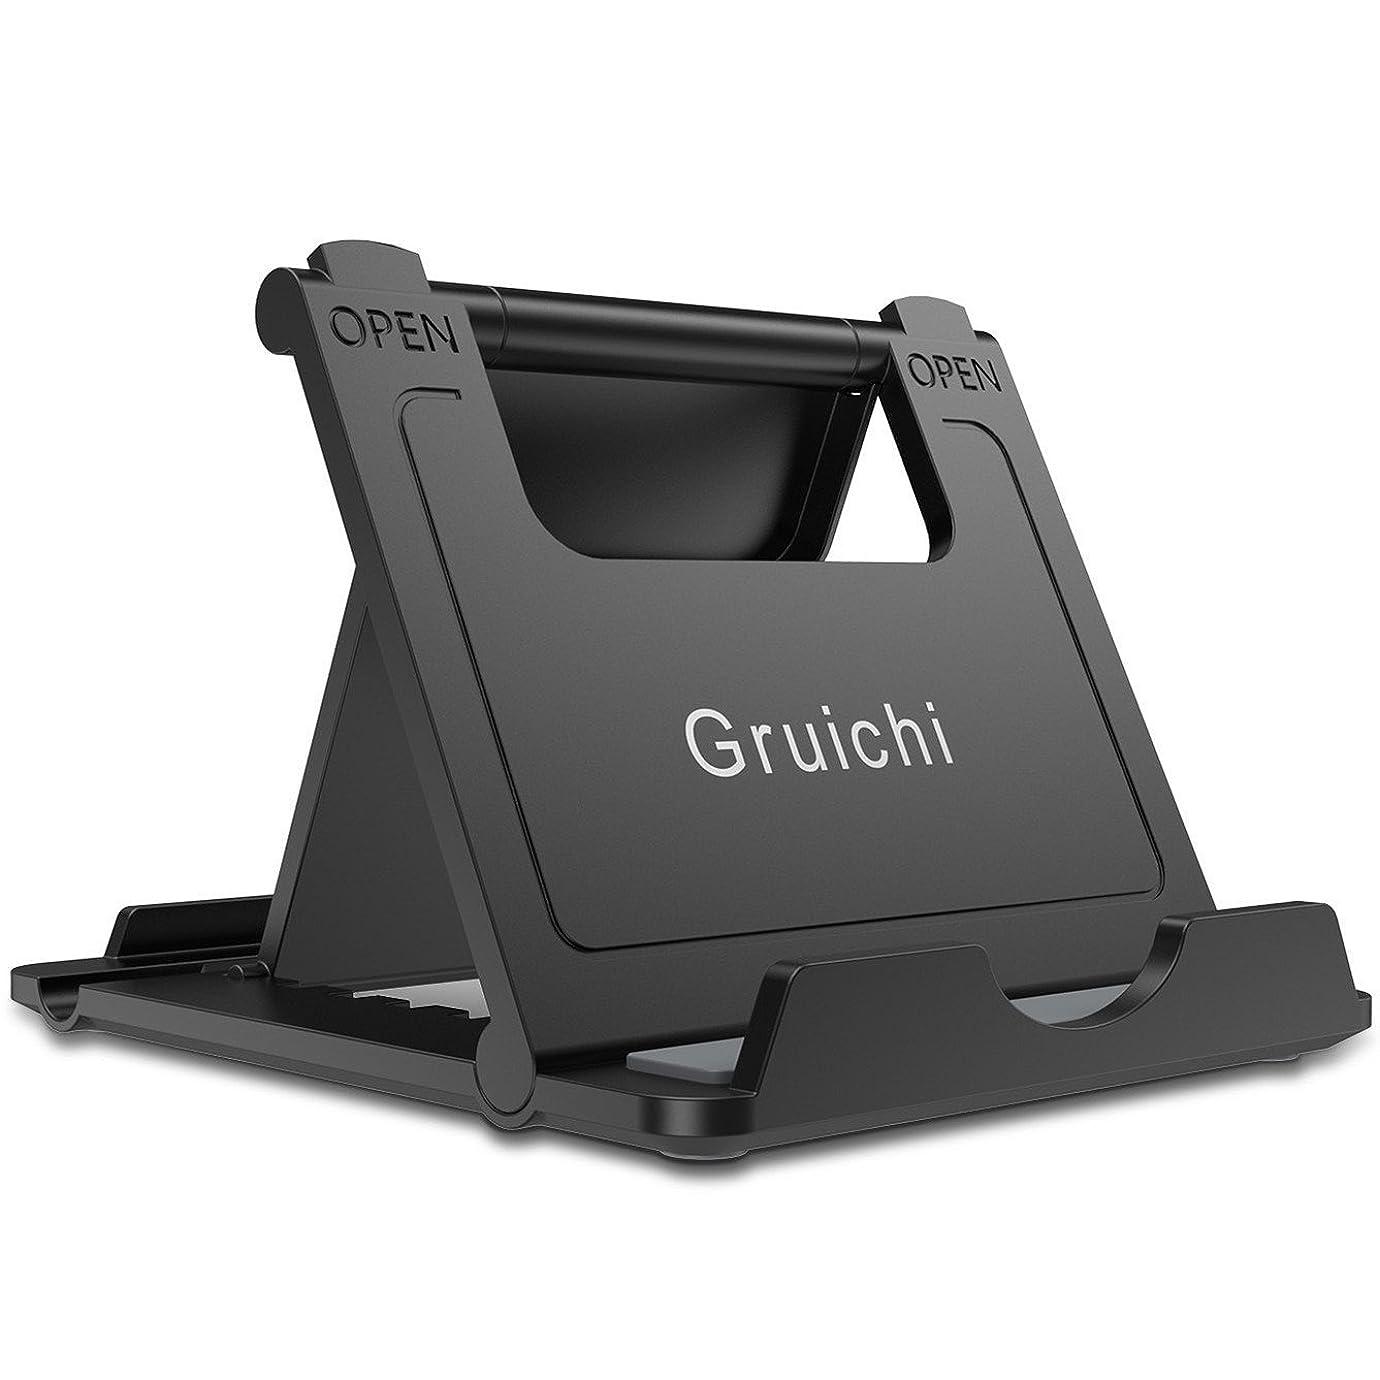 効果的帆離婚Gruichi? スマホスタンド タブレットスタンド 折りたたみ式 角度調整可能 薄型 – 黒